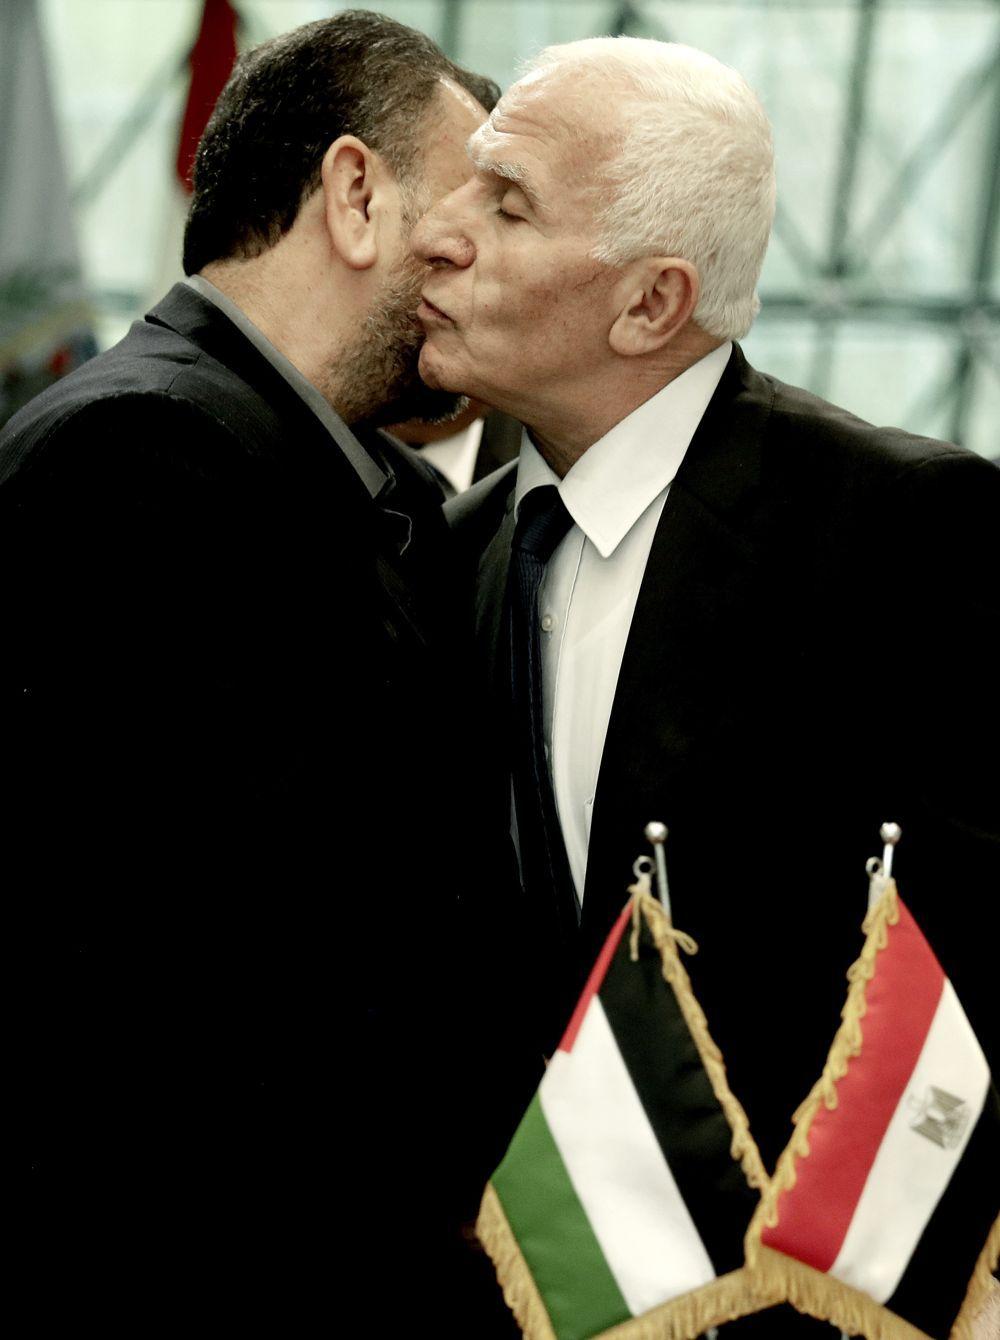 El funcionario de Fatah, Azzam al-Ahmad, y el representante de Hamas, Saleh al-Arouri, se besan después de firmar un acuerdo de reconciliación en una ceremonia corta en el complejo egipcio de inteligencia en El Cairo, Egipto, jueves 12 de octubre. Foto / Nariman El-Mofty)